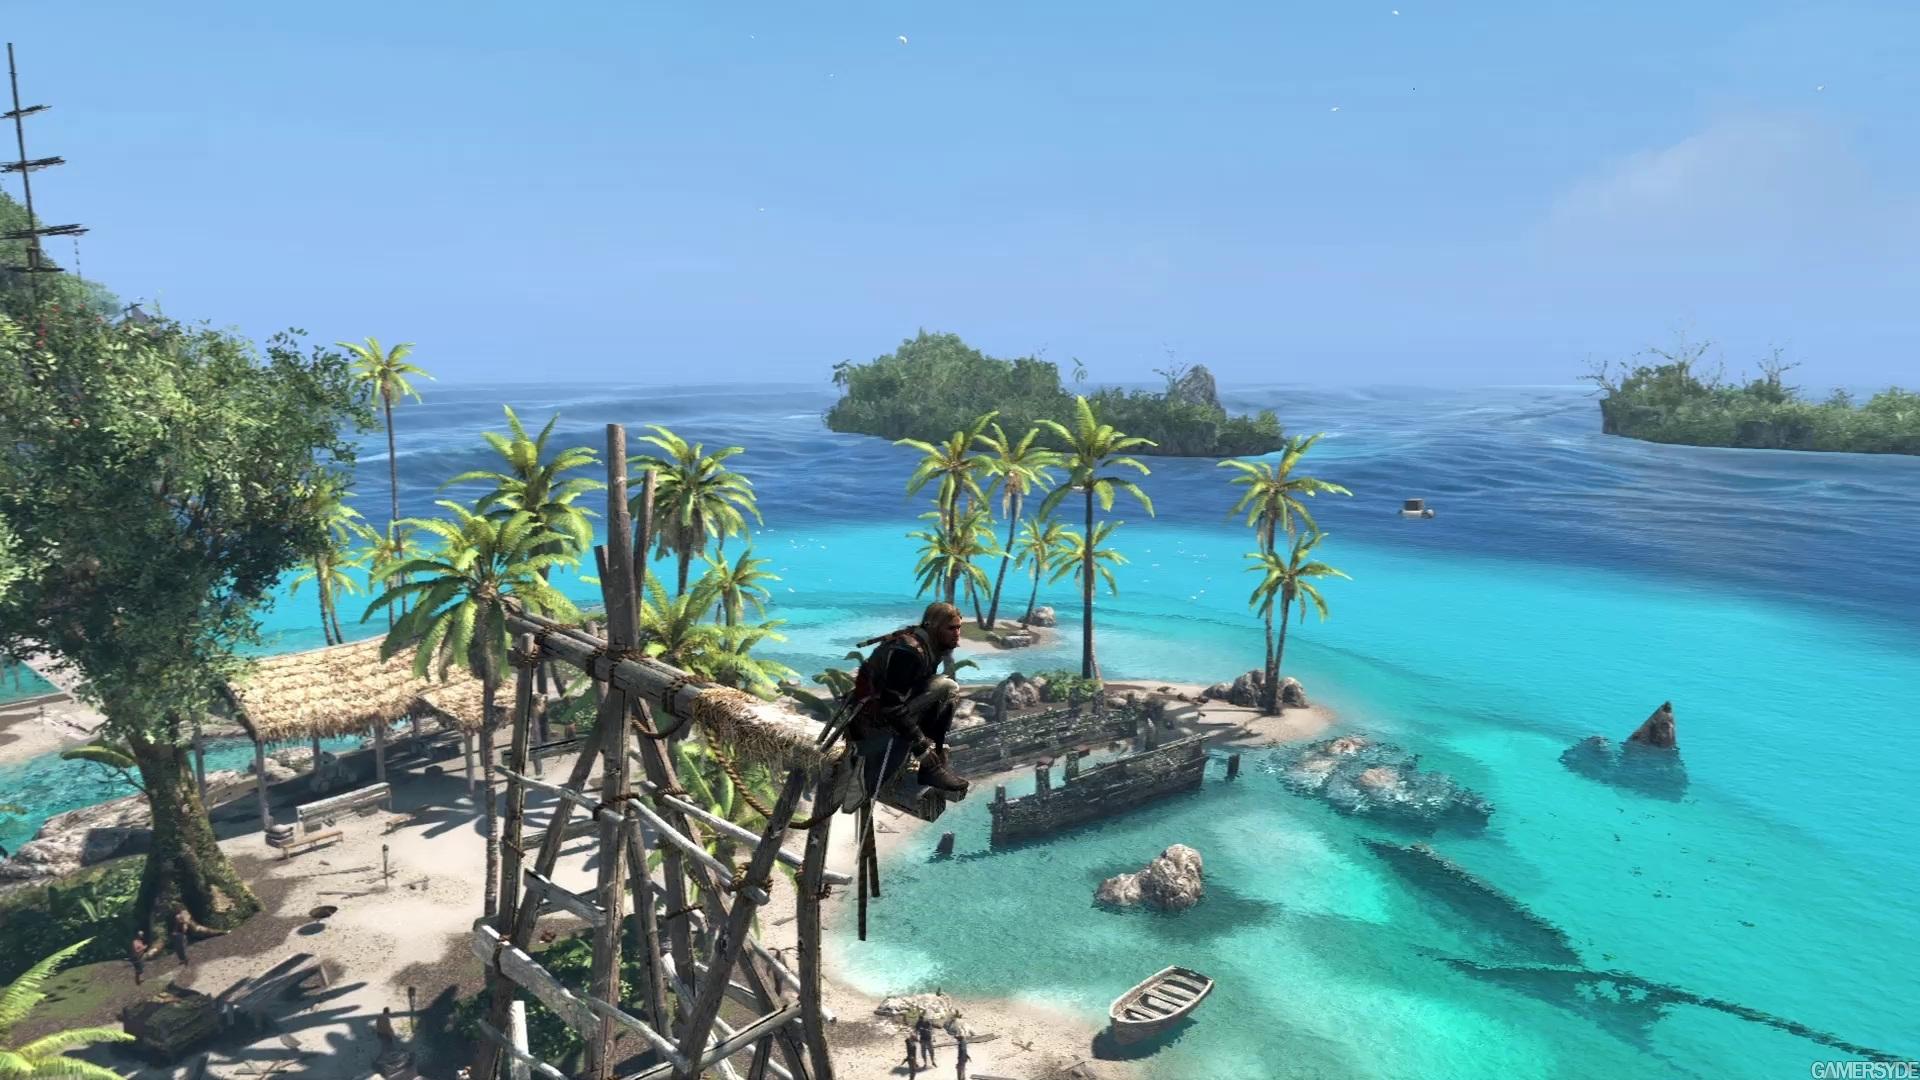 image   23118 1 0008 با تصاویر جدید Assassins Creed IV، شکار کوسه، پیدا کردن گنج ها در زیر آب و بیشتر را ببینید